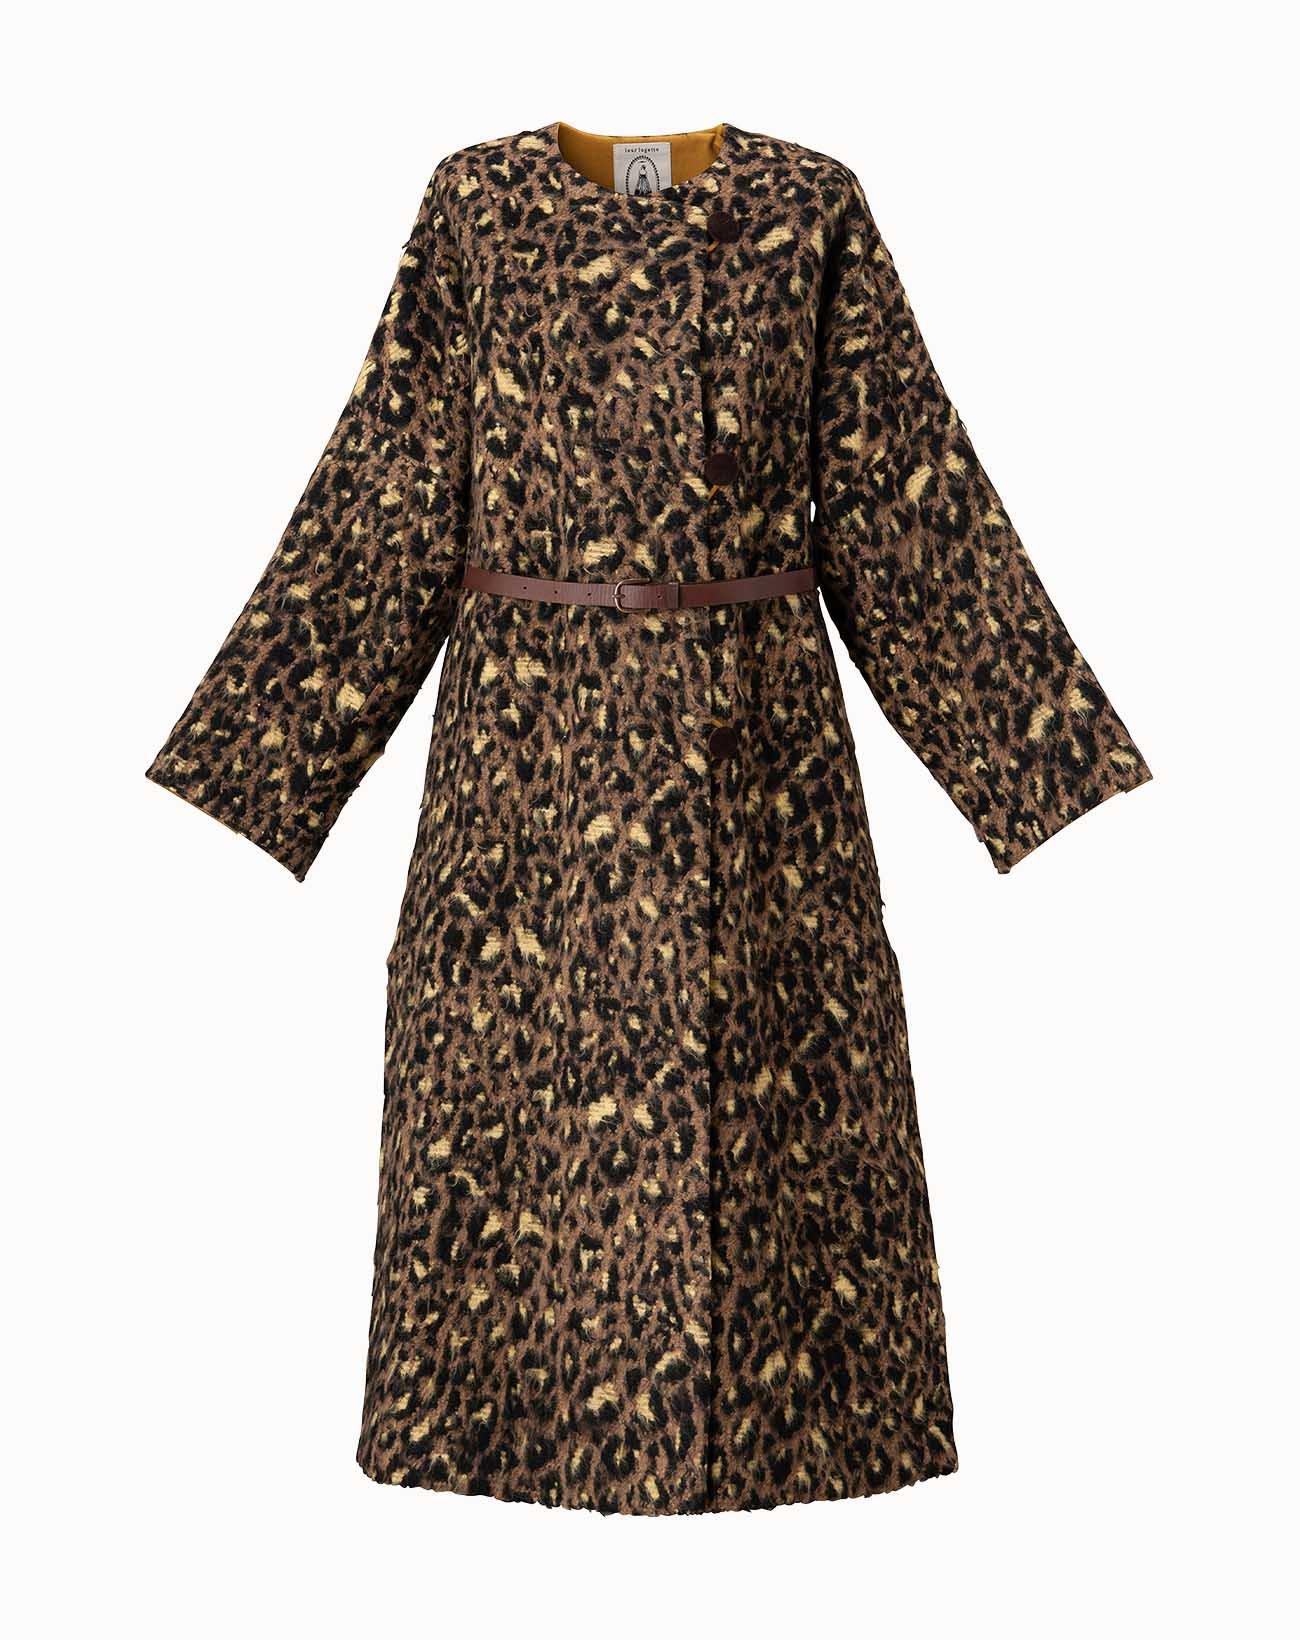 leur logette - Leopard Shagy Coat - Camel